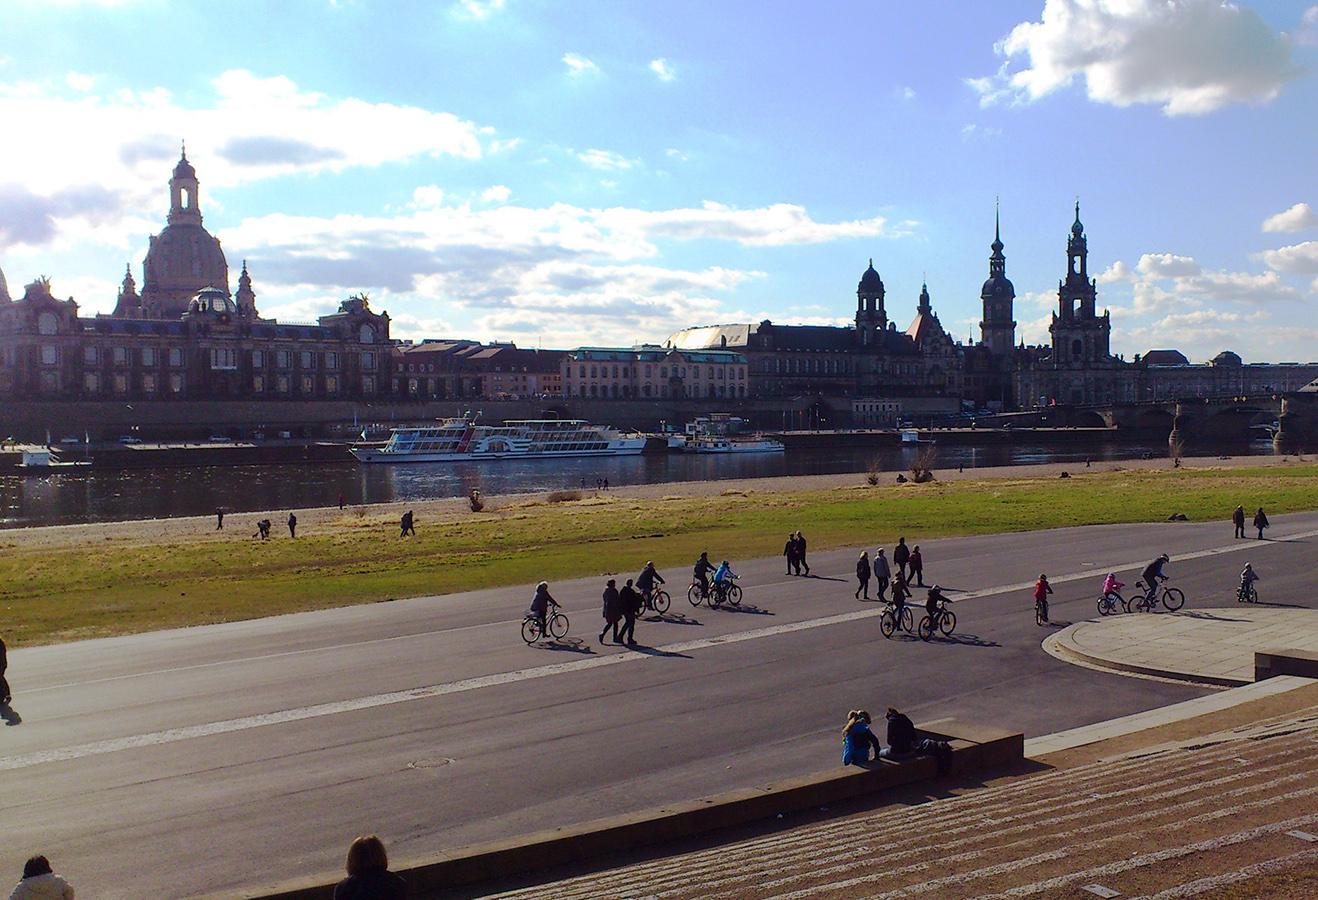 Alte Heimat ade - Neu-Landauerin Nina Seel vermisst vor allem Dresdens imposantes Stadtbild. Ihre neue Studienstadt findet sie aber auch sehr schick. Fotos: Privat